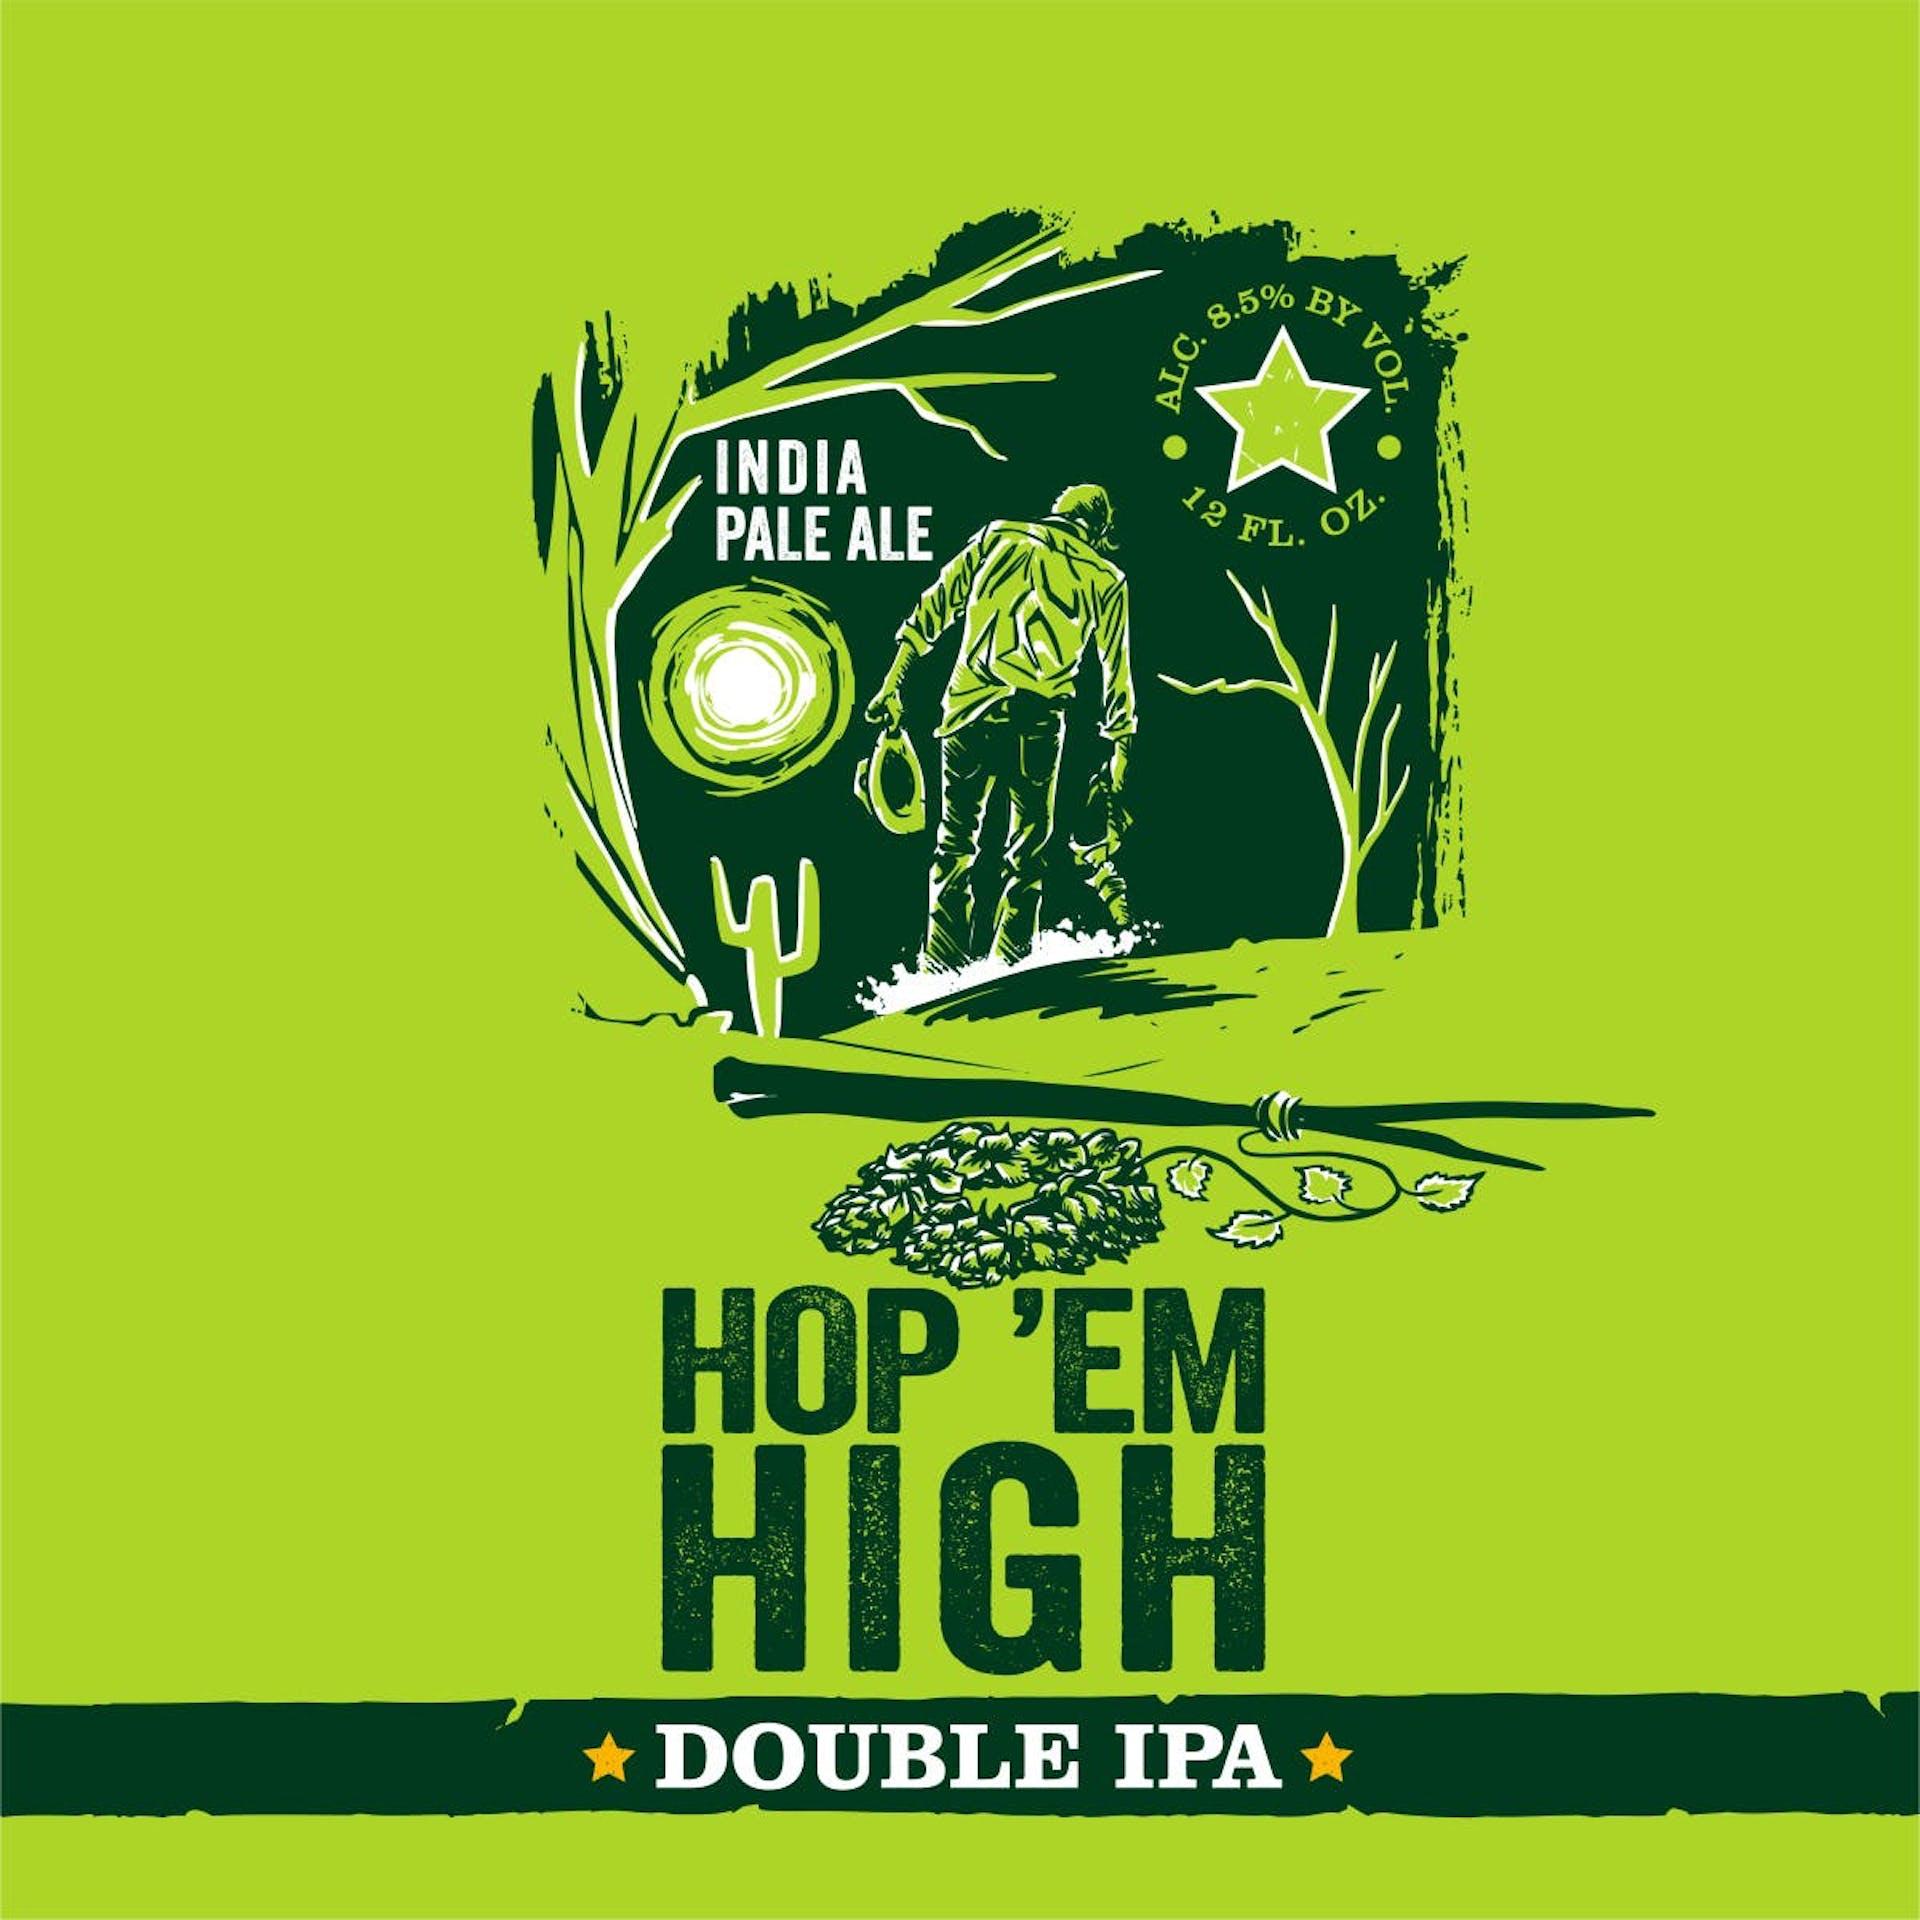 hop-em-high